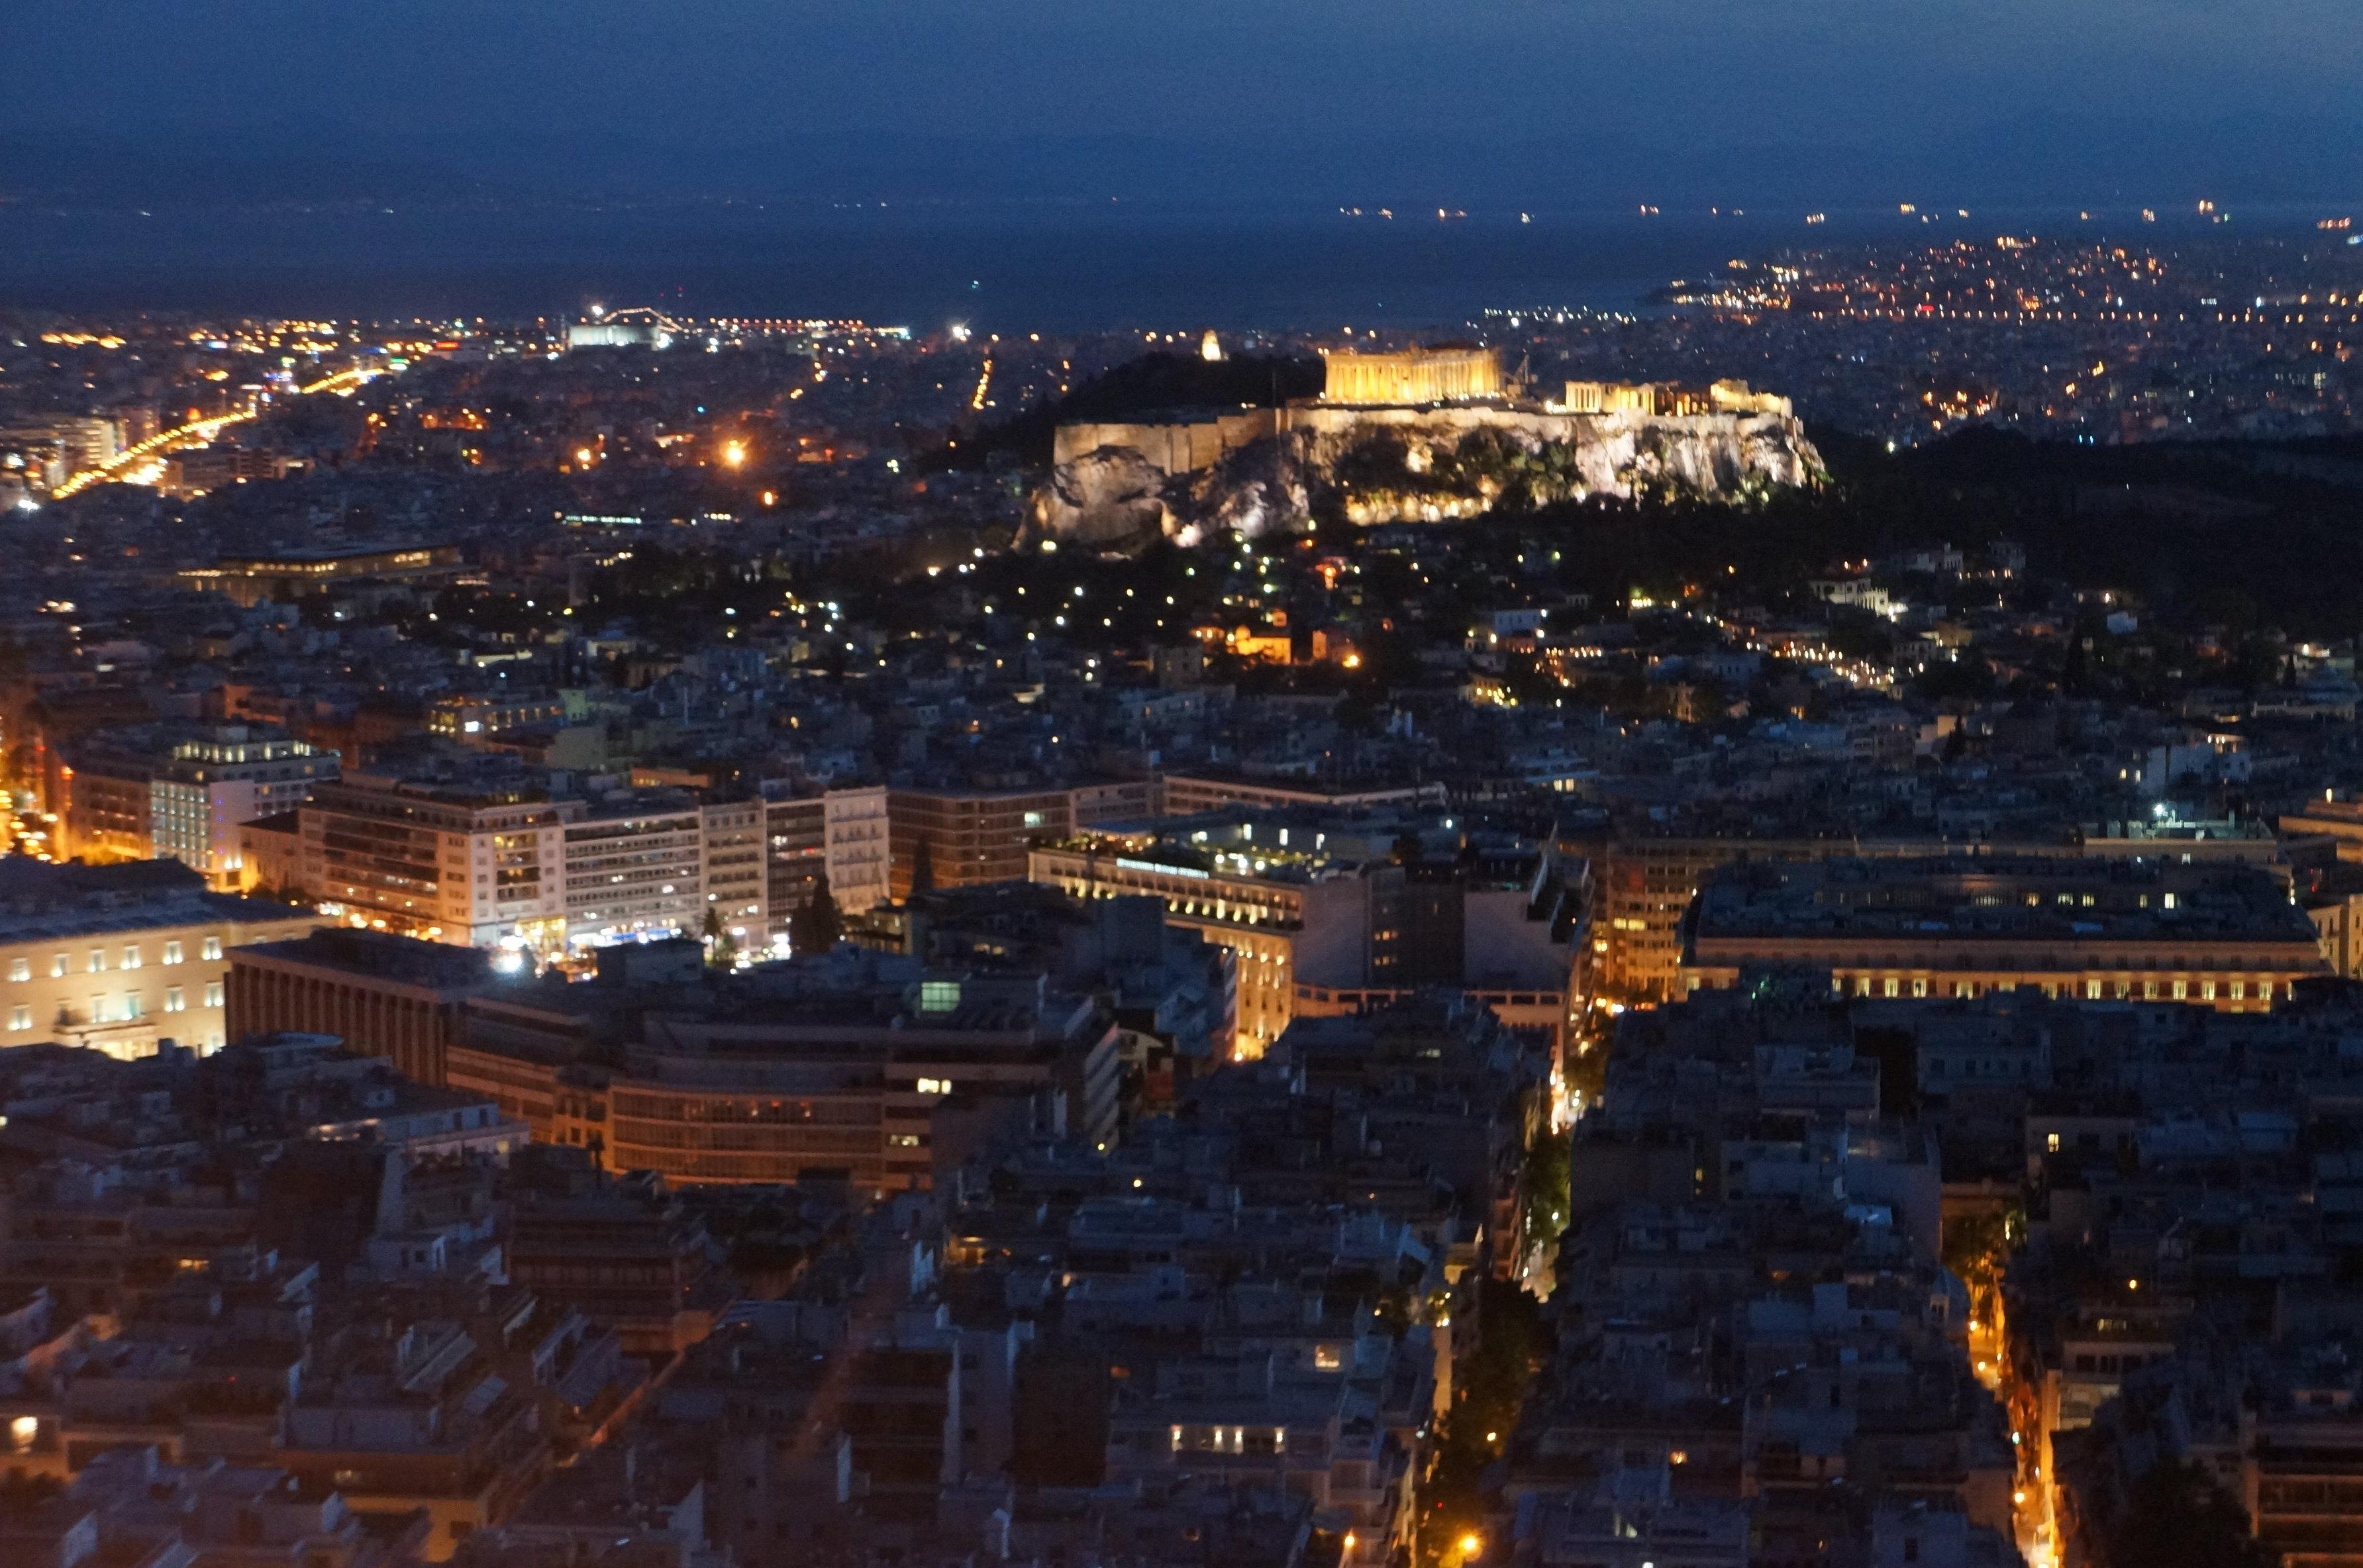 希腊雅典/圣托里尼/米克诺斯岛/梅黛奥拉十一日自由行